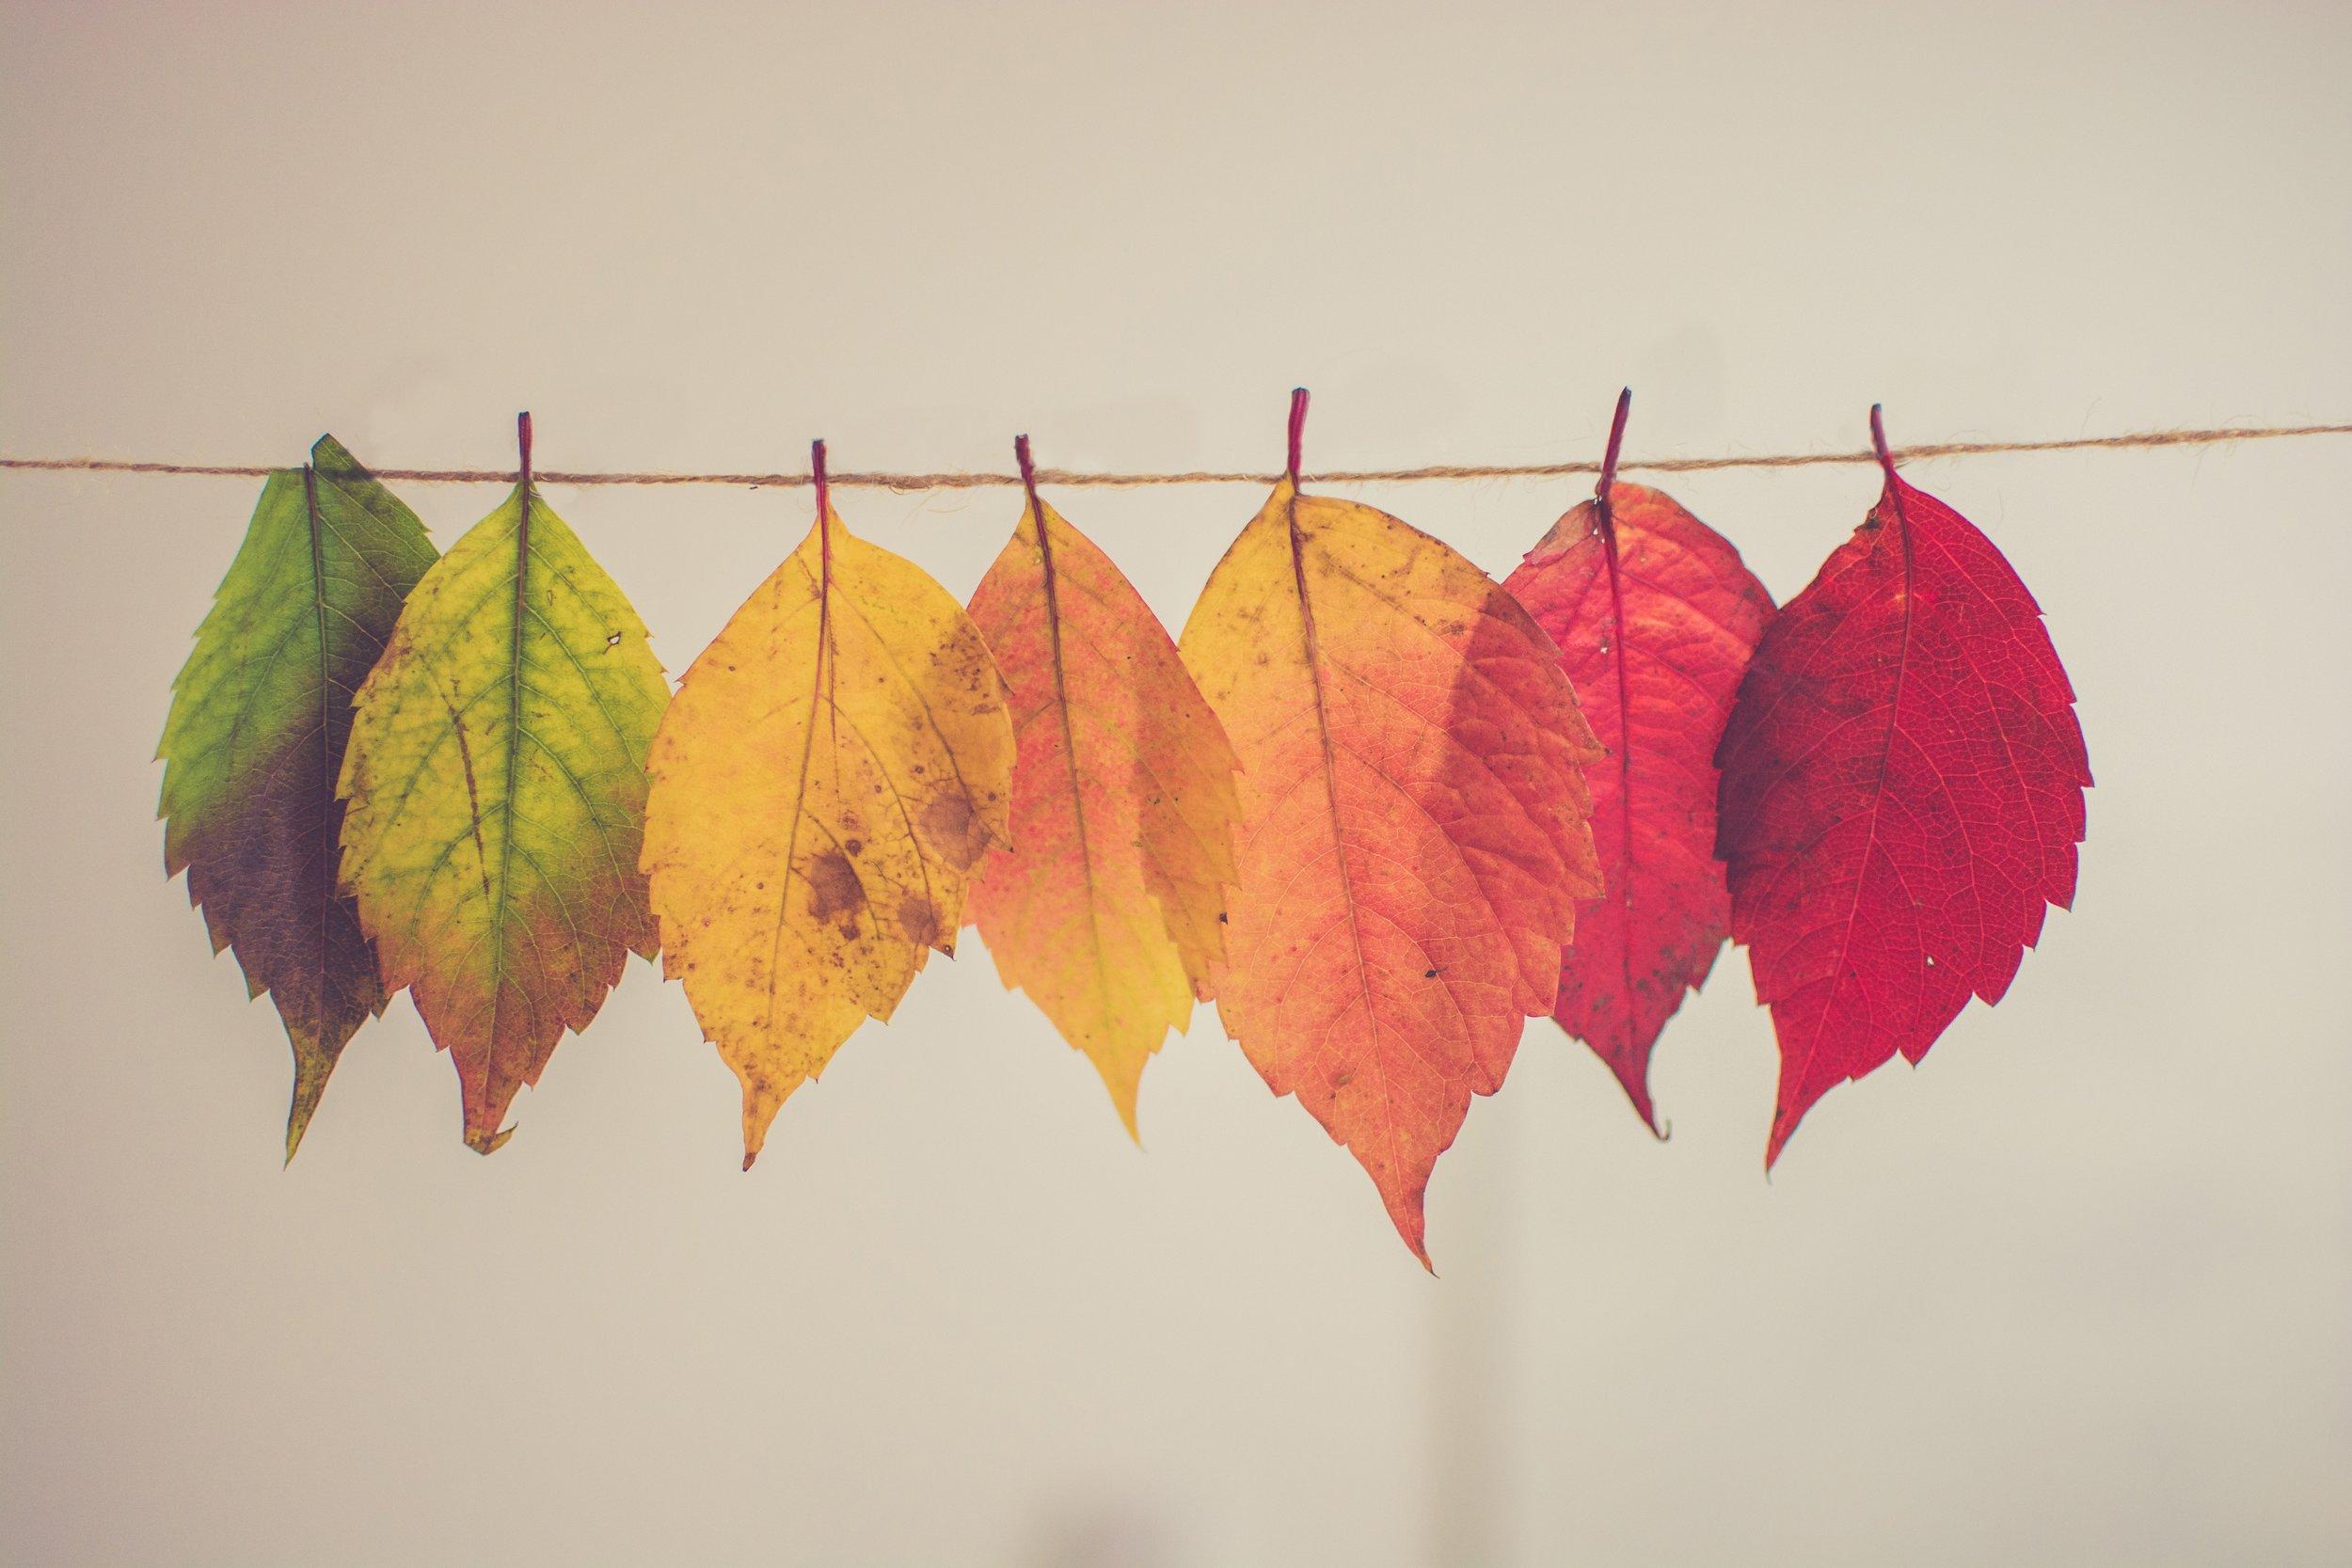 Thoreau's Autumnal Tints